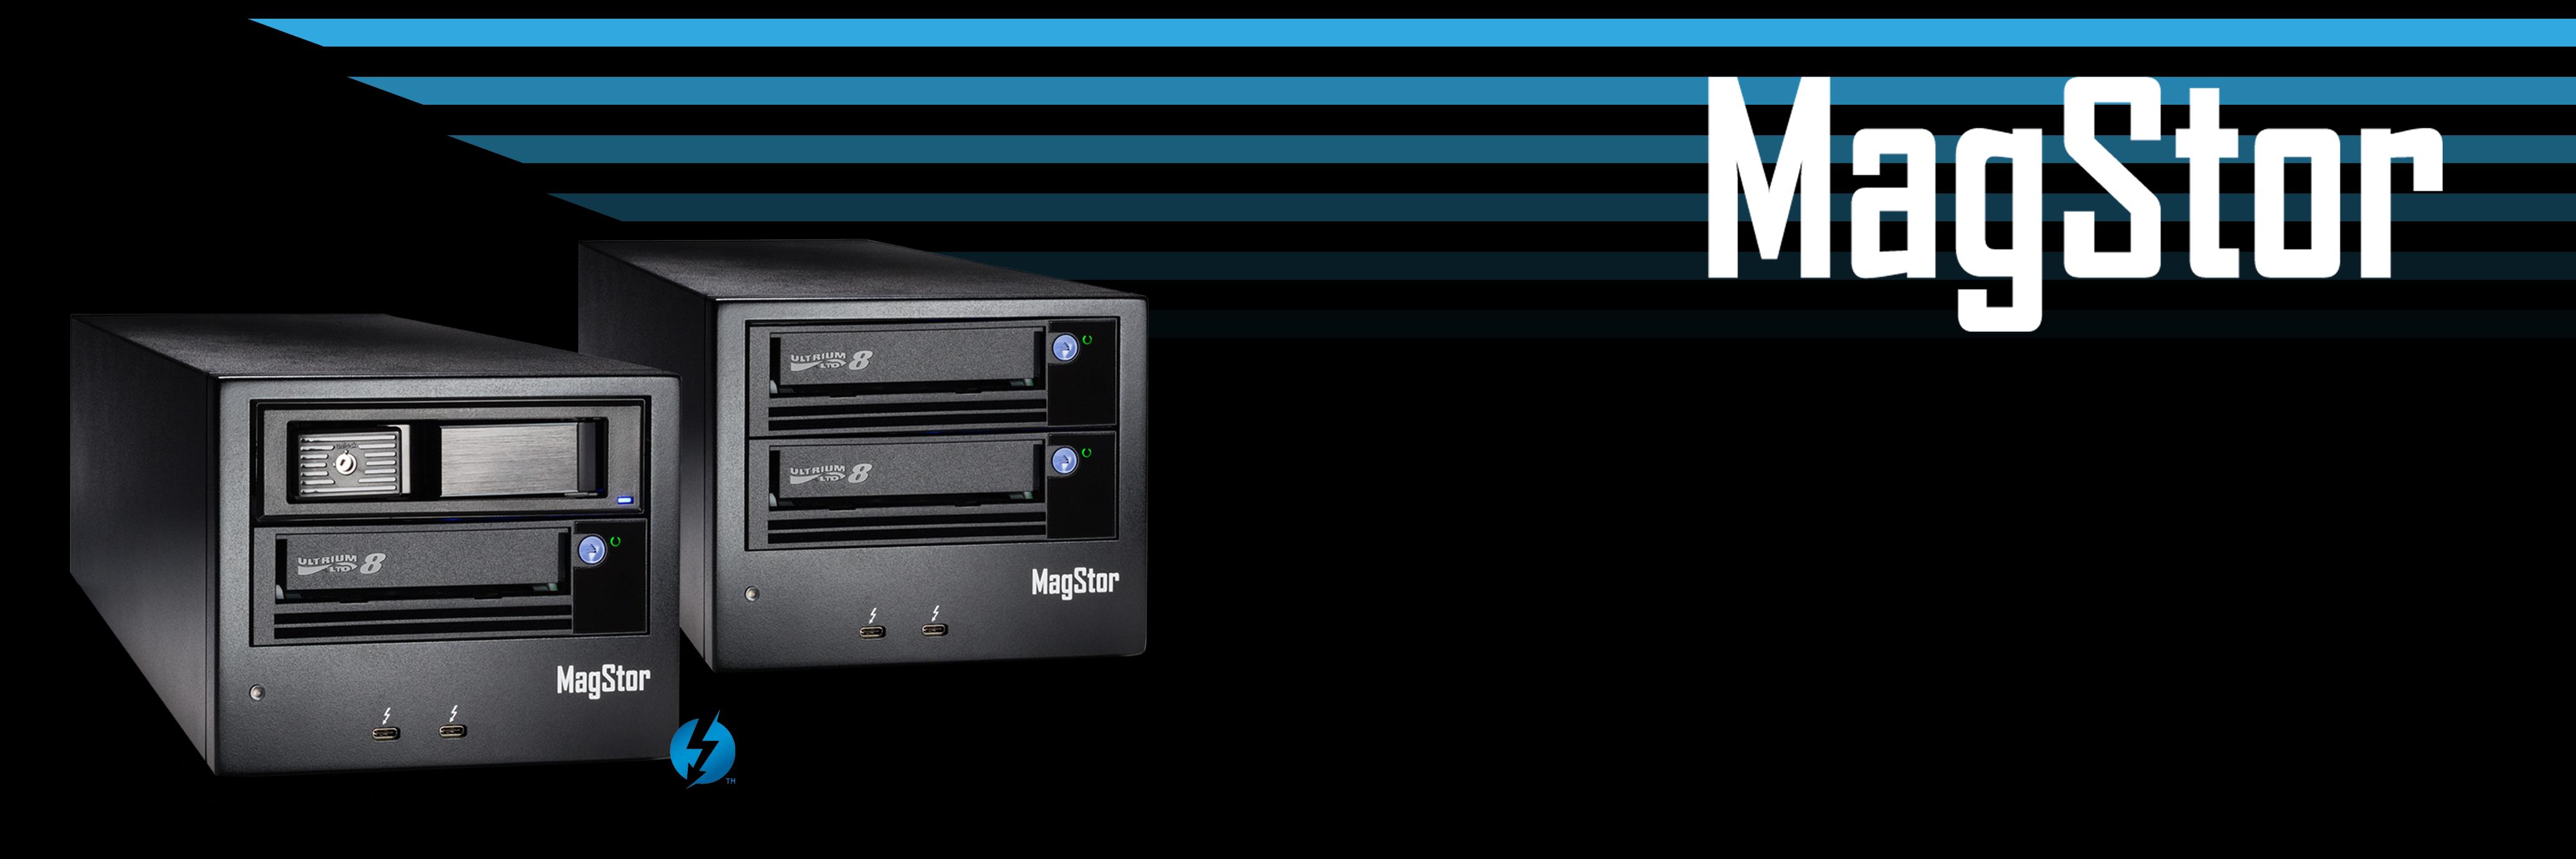 MagStor_Thunderbolt 3_LTO6 / LTO7 & LTO8 Tape Drive